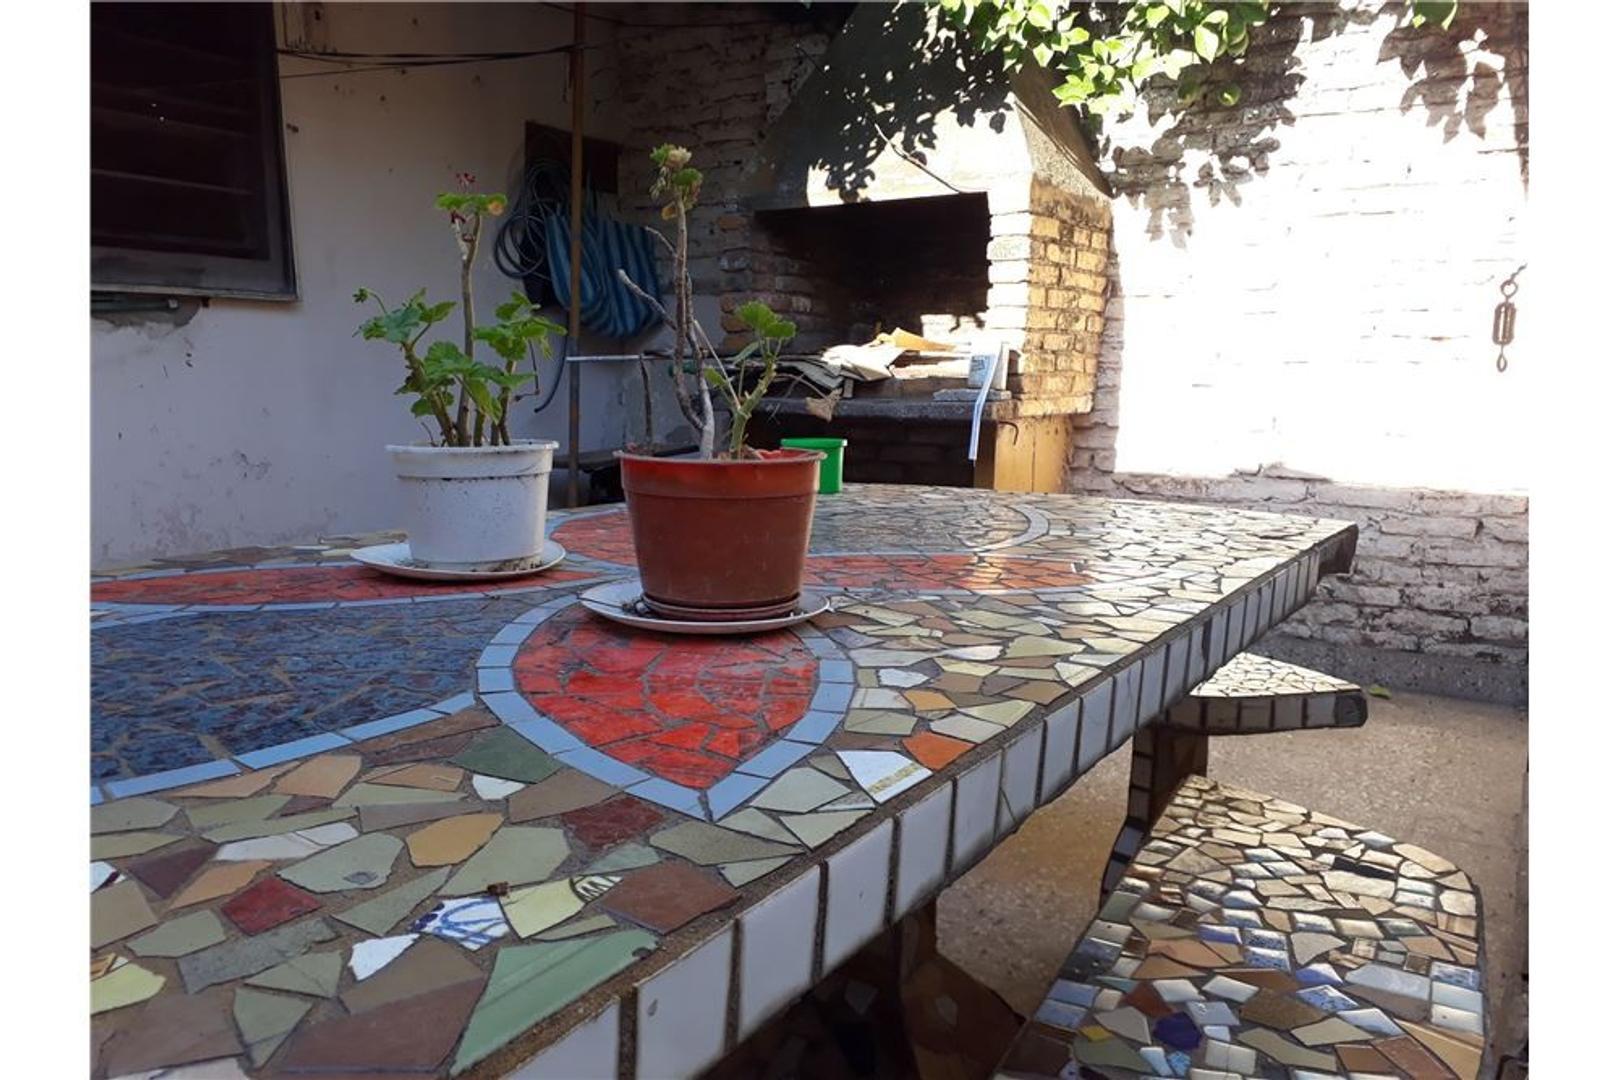 Casa 3 ambientes con patio y espacio aéreo.